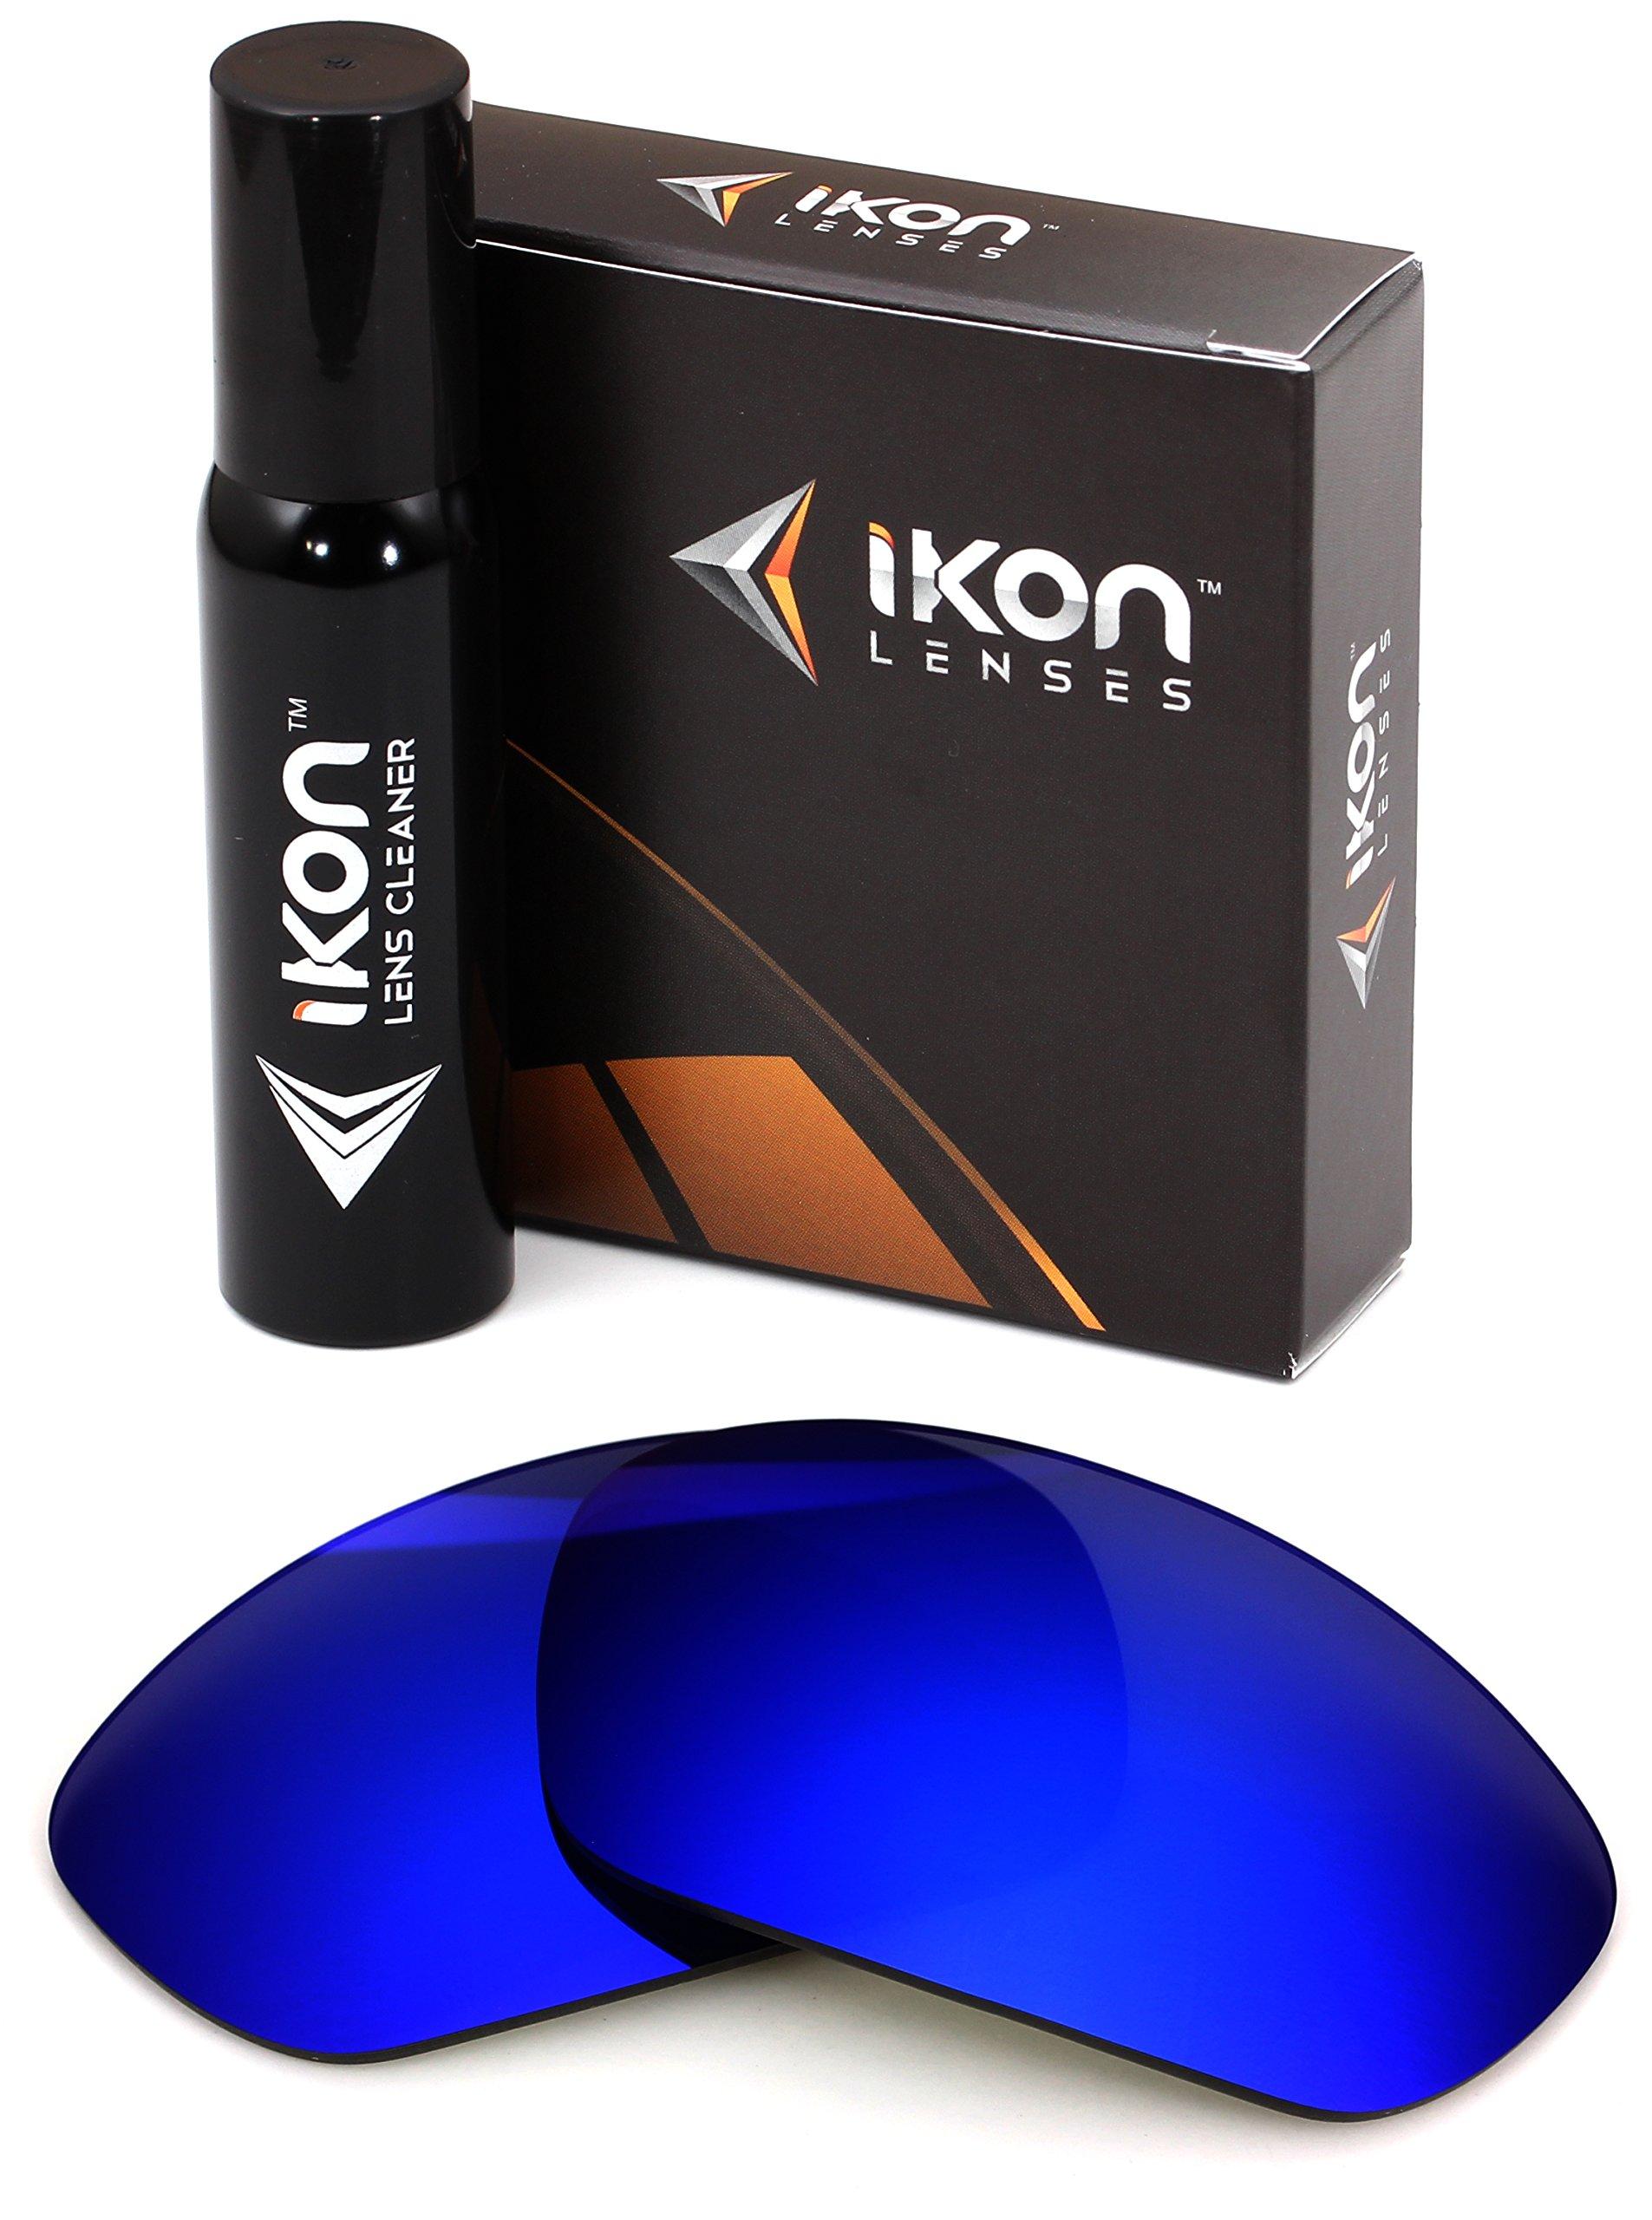 Ikon Lenses Polarized IKON Replacement Lenses For Arnette Munson Sunglasses - Deep Blue